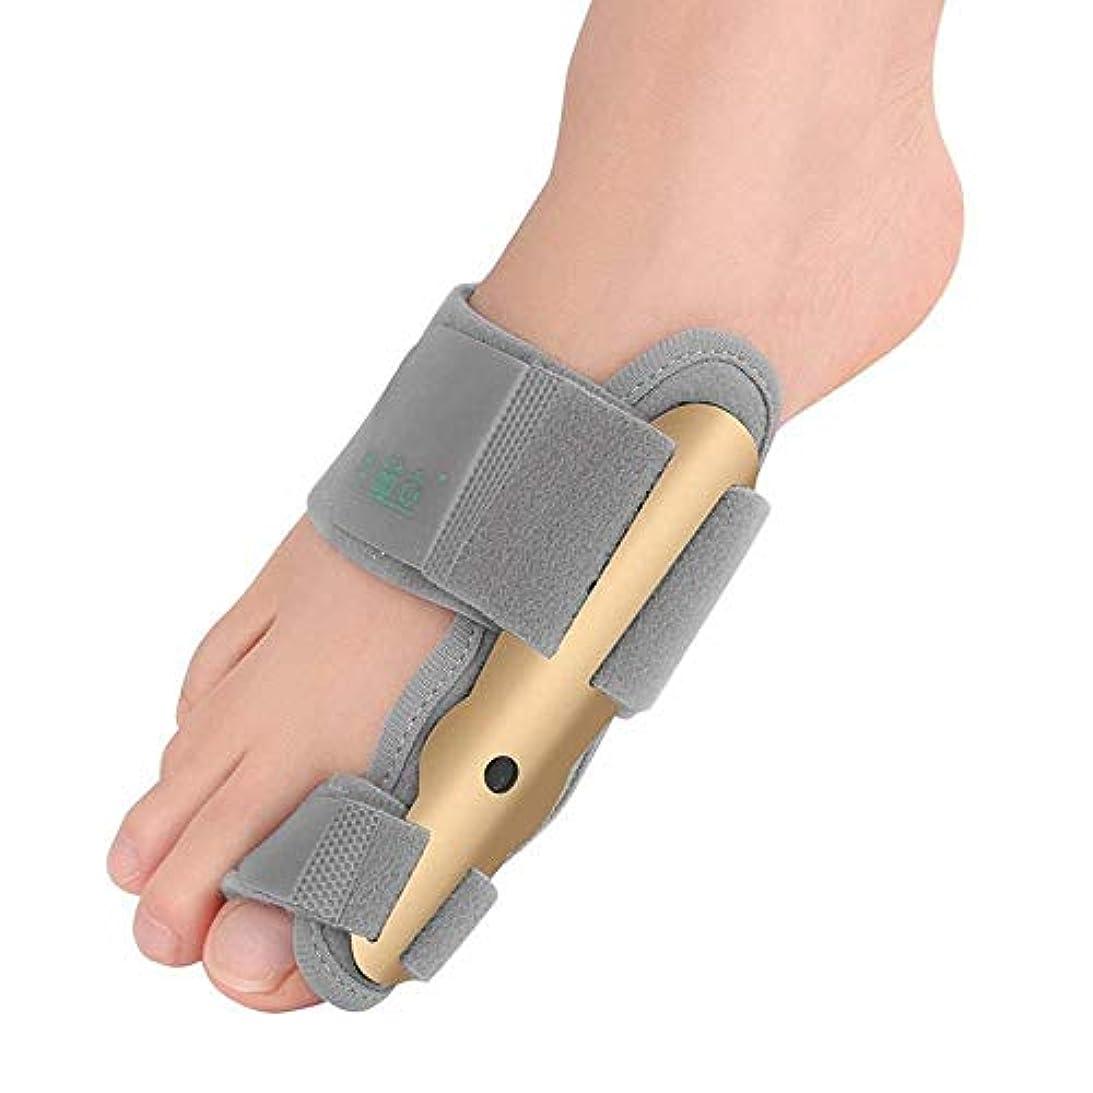 細いまぶしさ句読点つま先のセパレーター、足の親指のアライメント矯正器のつま先の変形とサポート腱膜瘤1ピース、ユニバーサル左足と右足